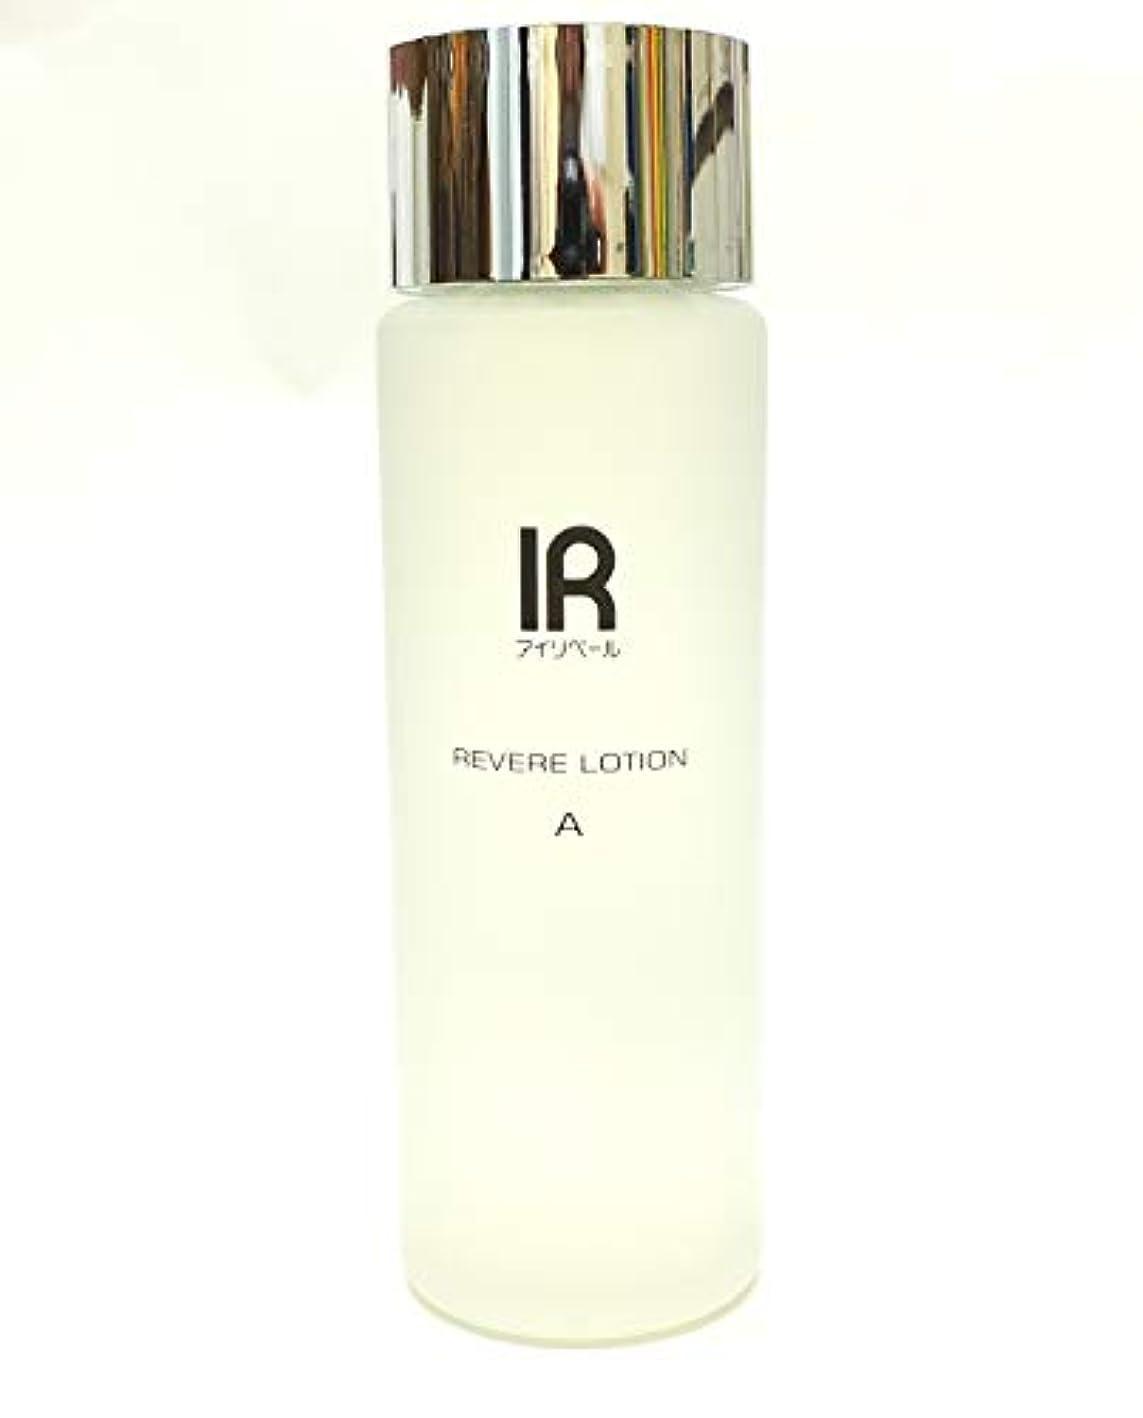 恥ずかしさギャンブル自慢IR アイリベール化粧品 スキンローションA (自立活性用化粧水) 120ml